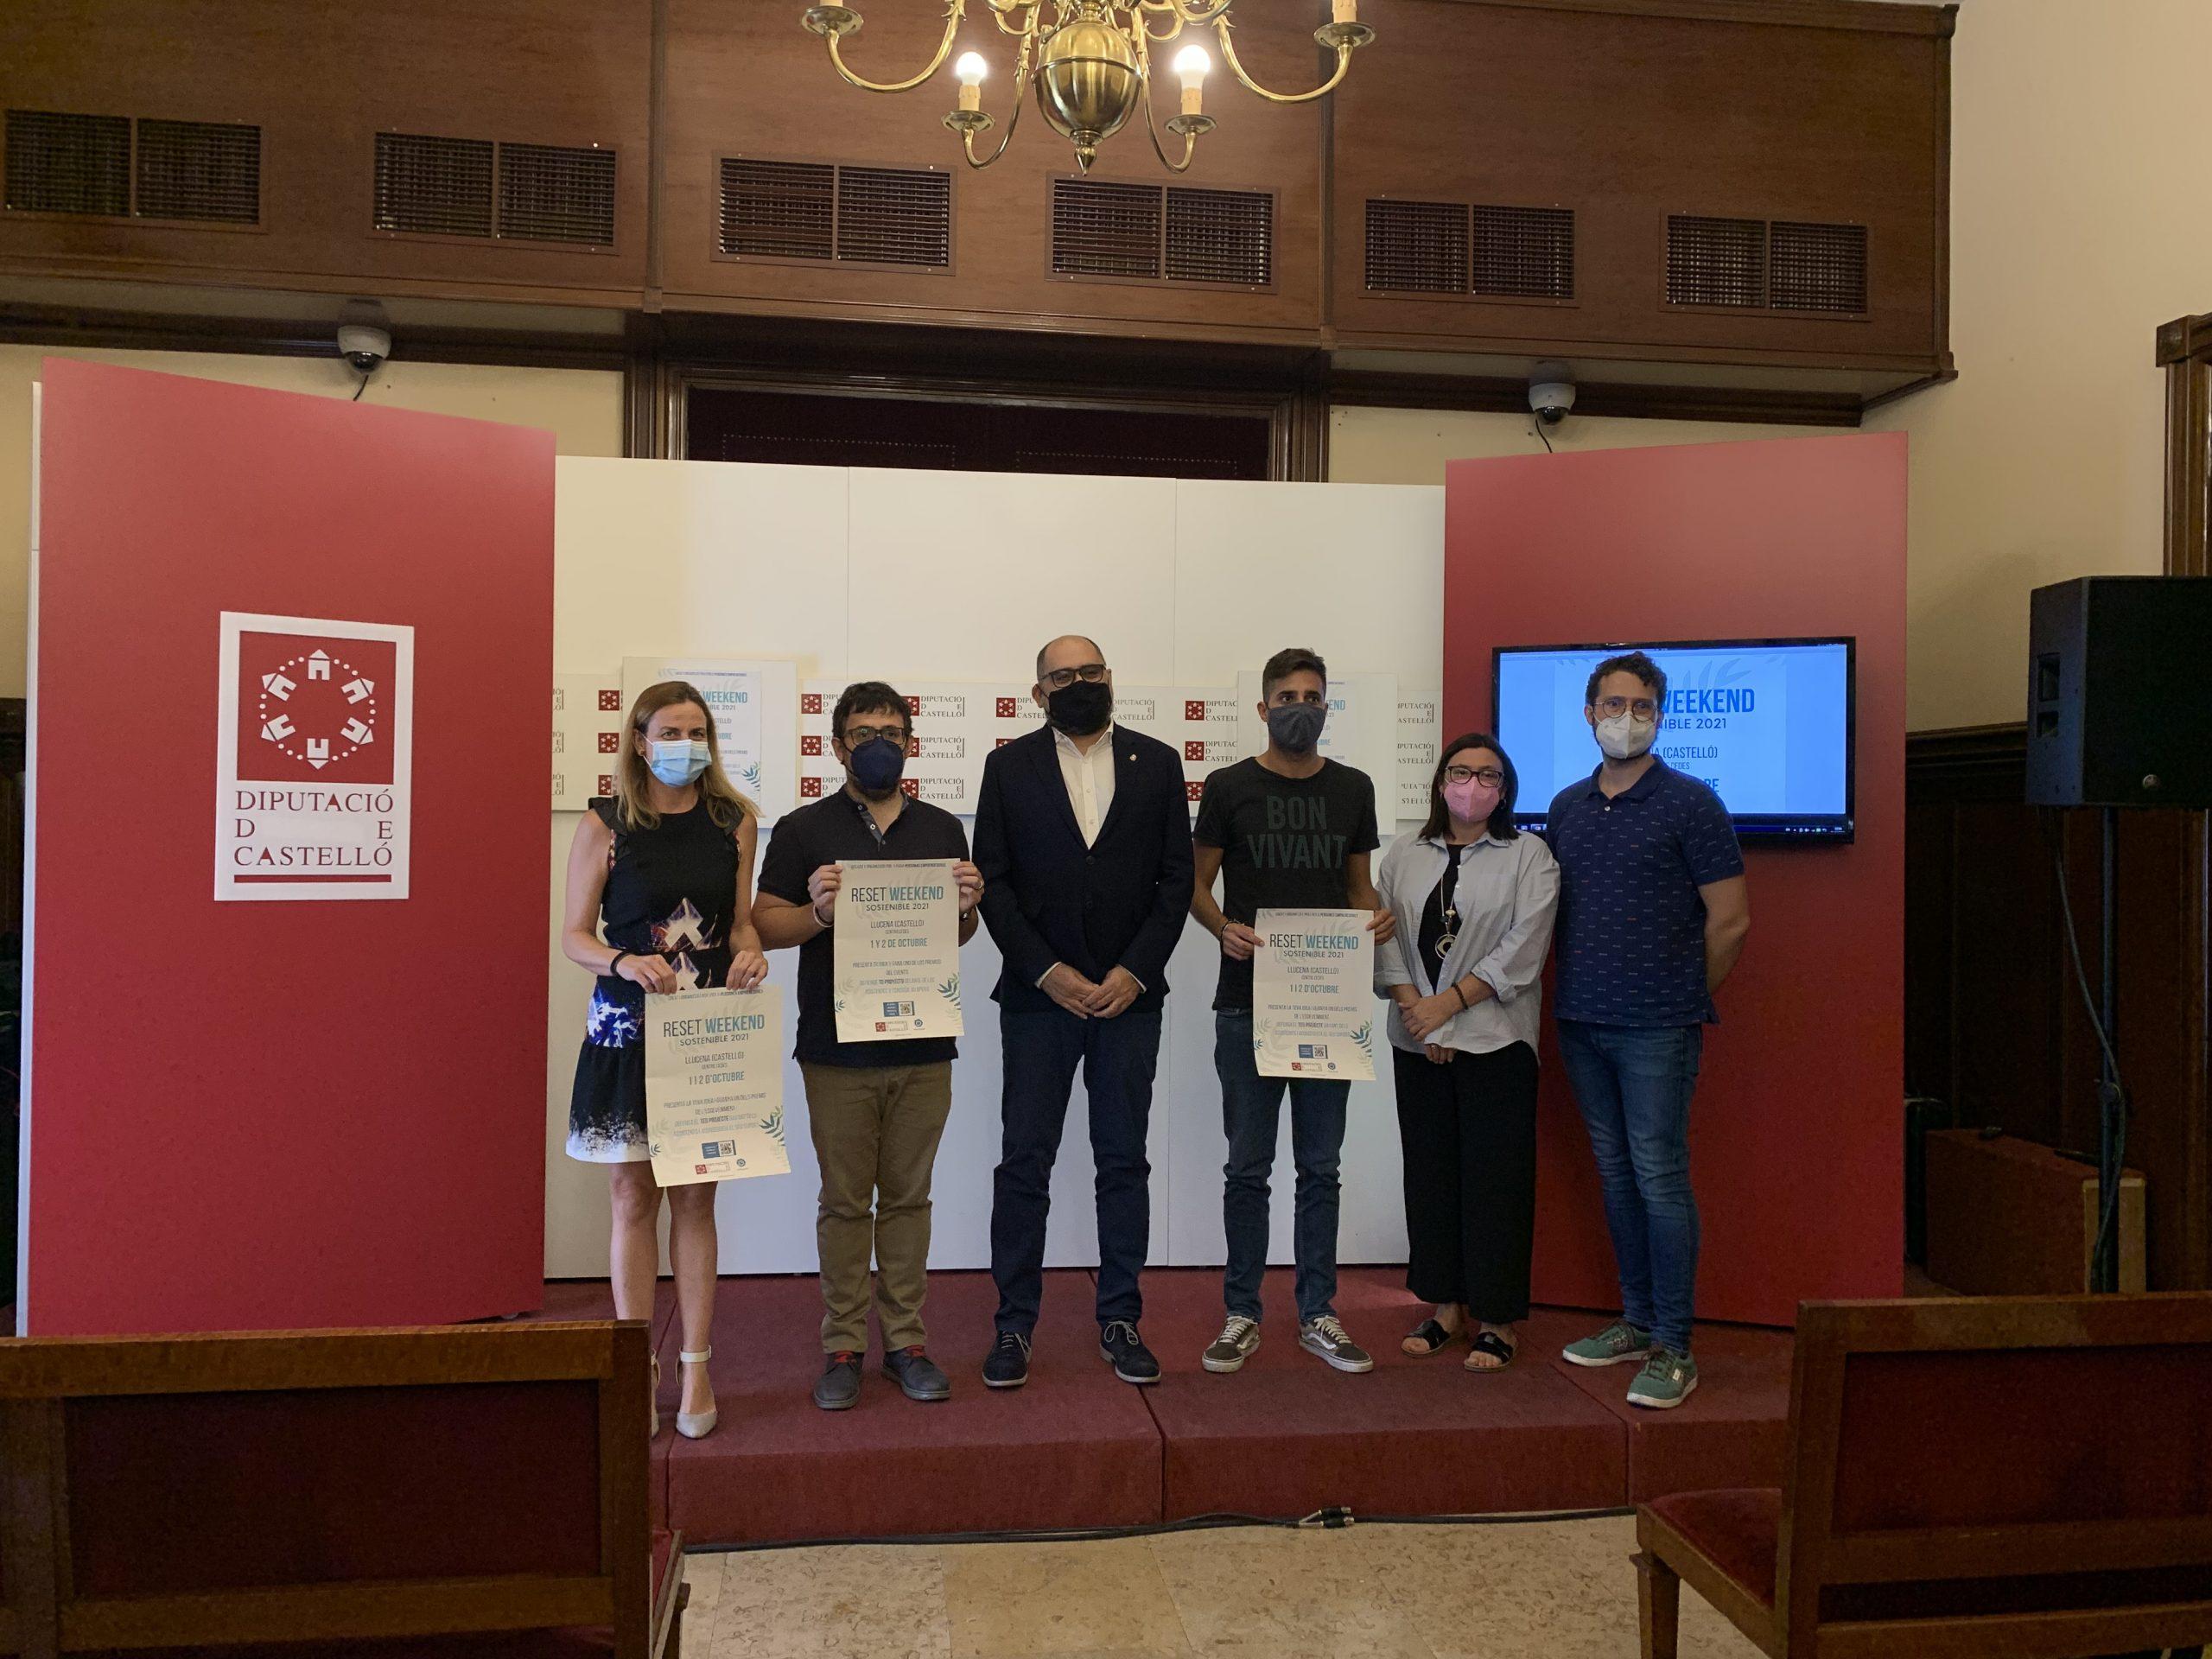 La Diputación de Castellón anima al emprendimiento a perfeccionar su idea de negocio ambientado en la sostenibilidad en el Reset Weekend